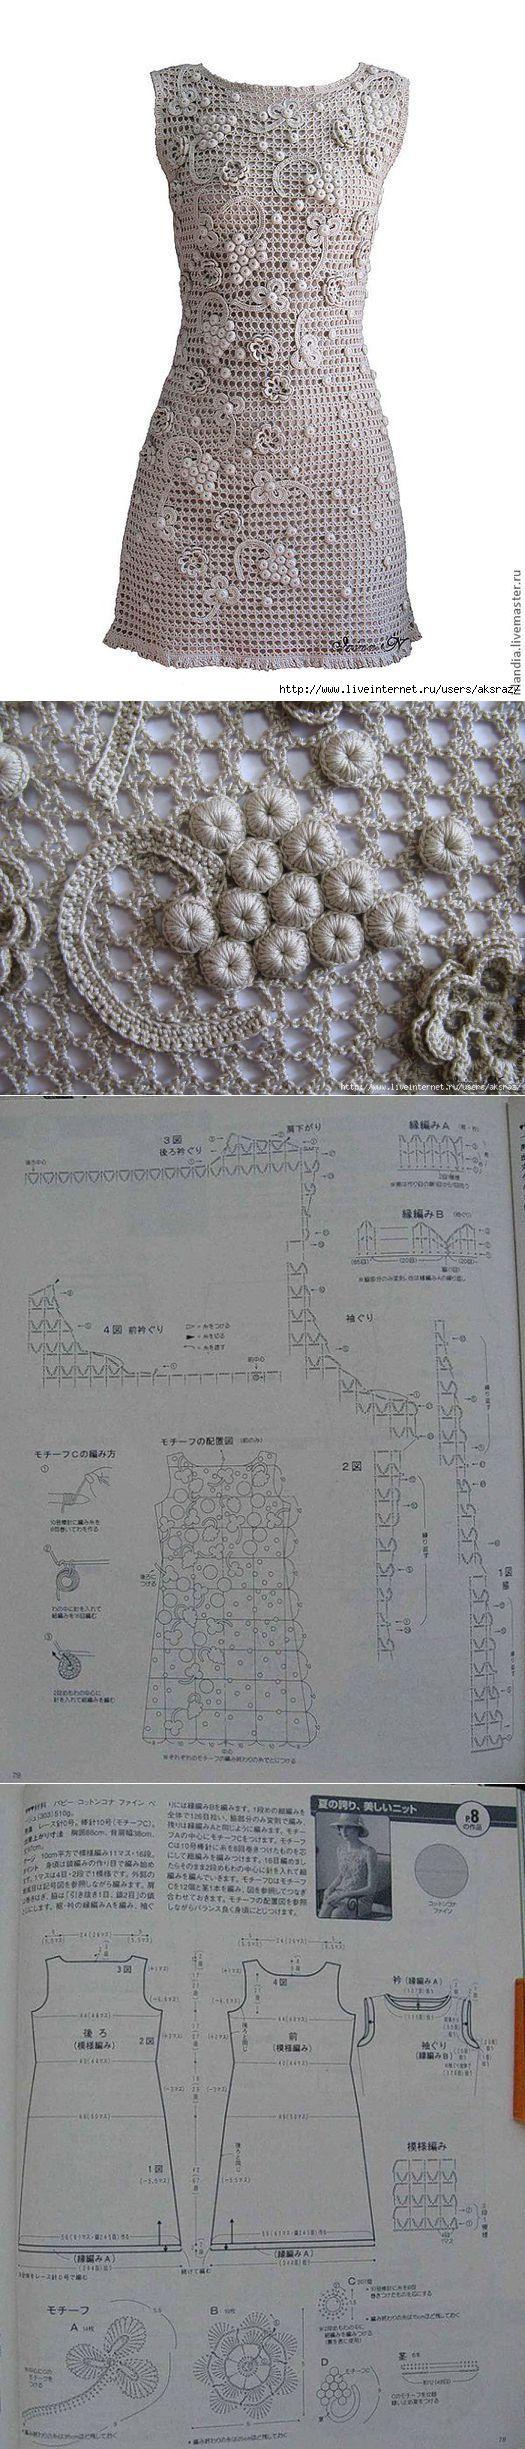 Вязание крючком филейной сетки